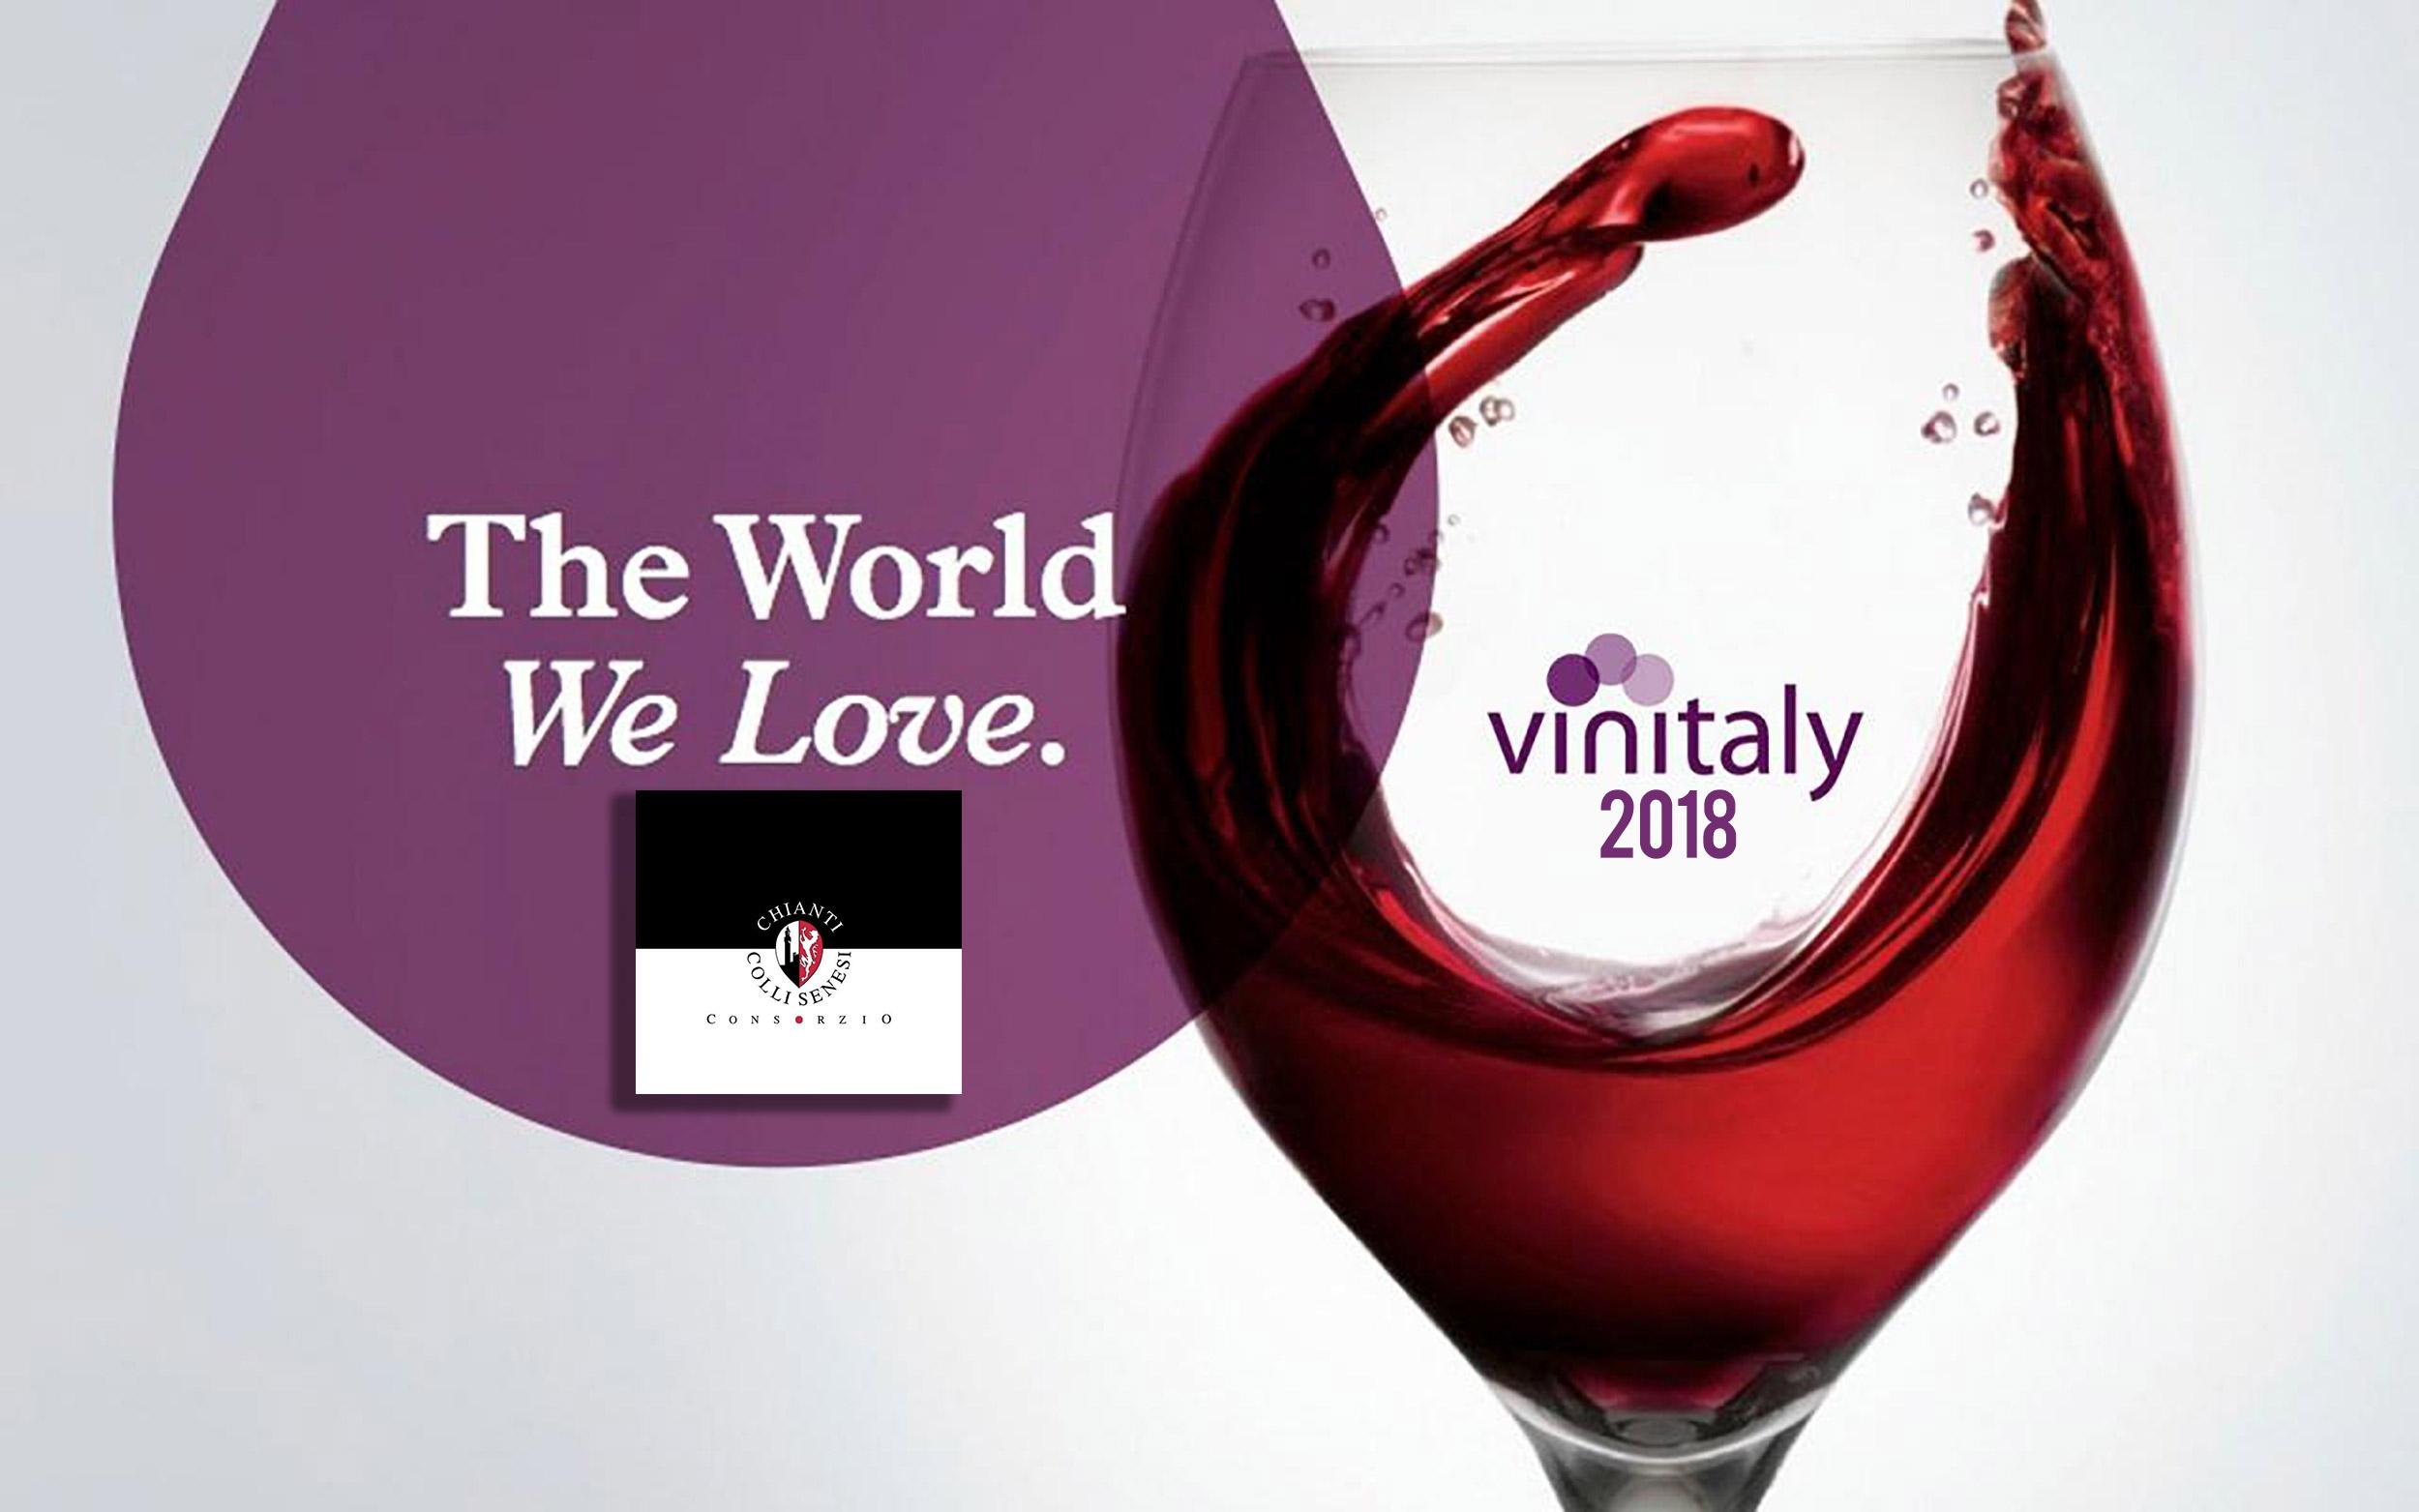 Chianti Colli Senesi, successo riconfermato al Vinitaly 2018